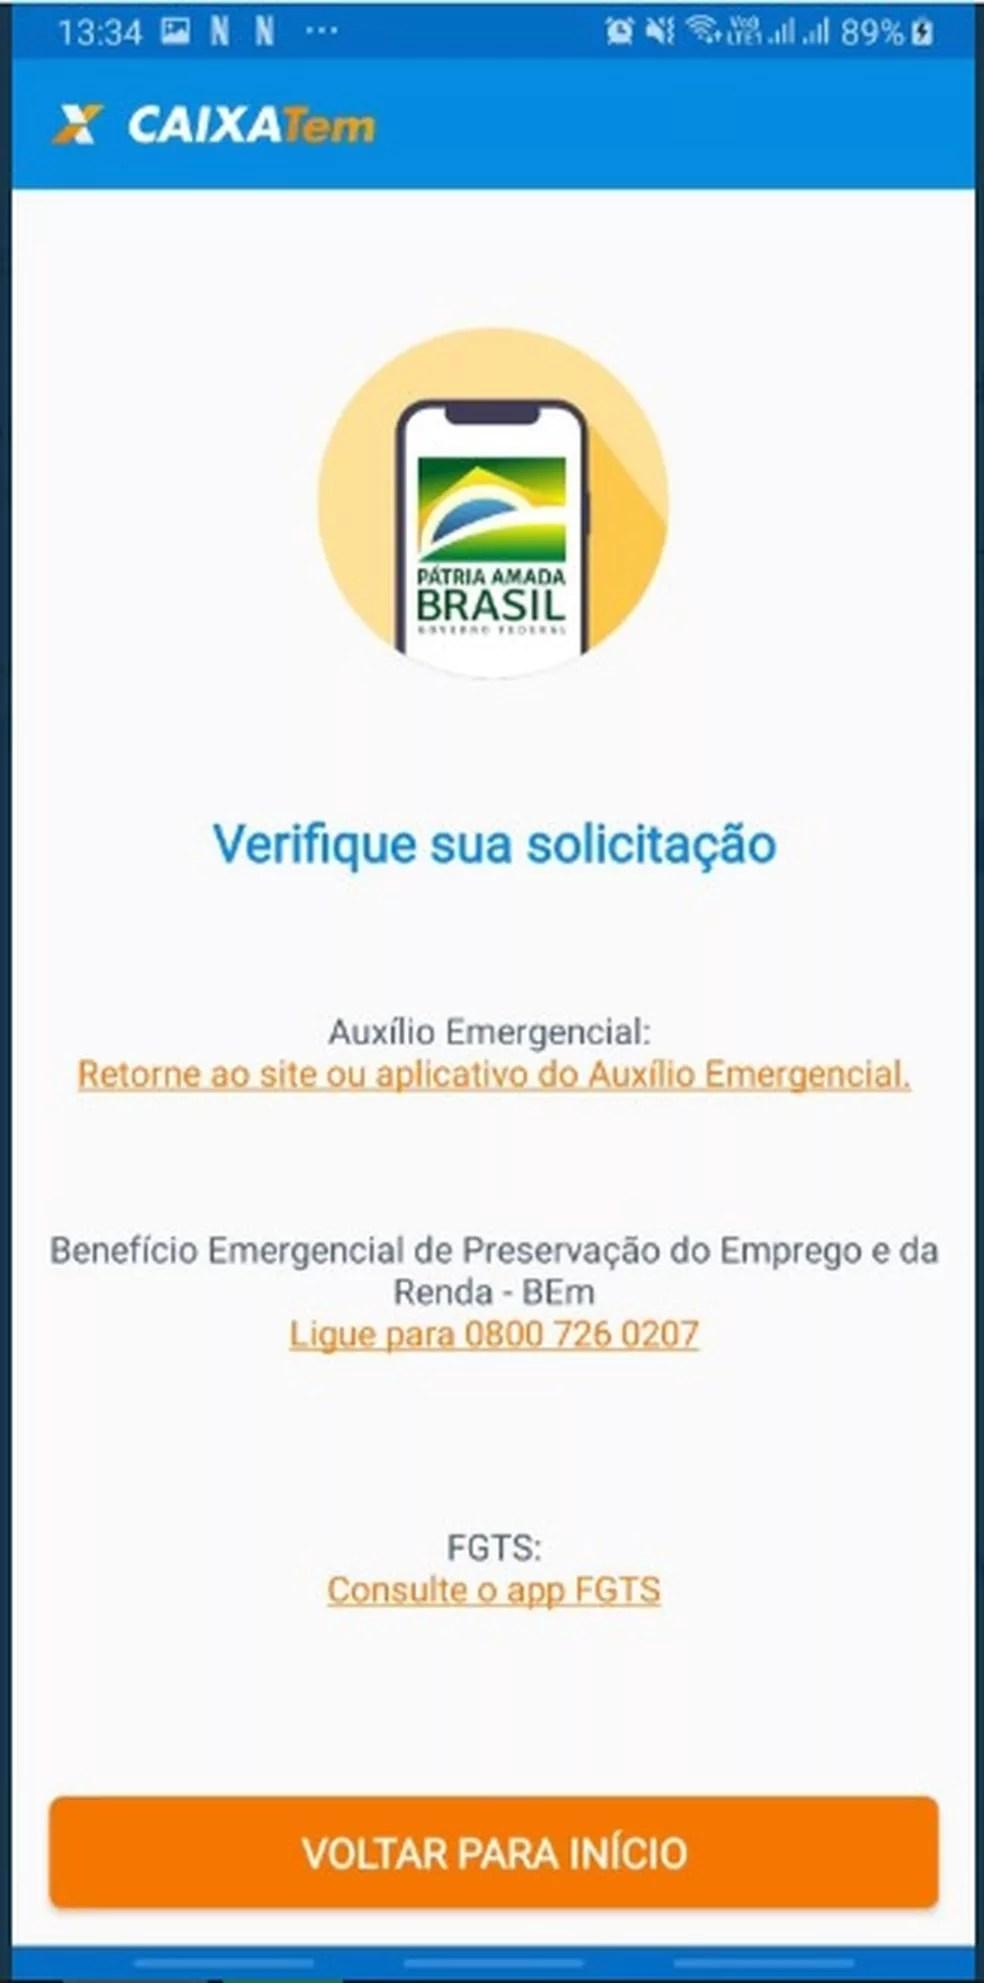 Julianni Oliveira, de 20 anos, mostra mensagem recebida no app Caixa Tem ao tentar mexer no dinheiro do FGTS — Foto: Arquivo pessoal